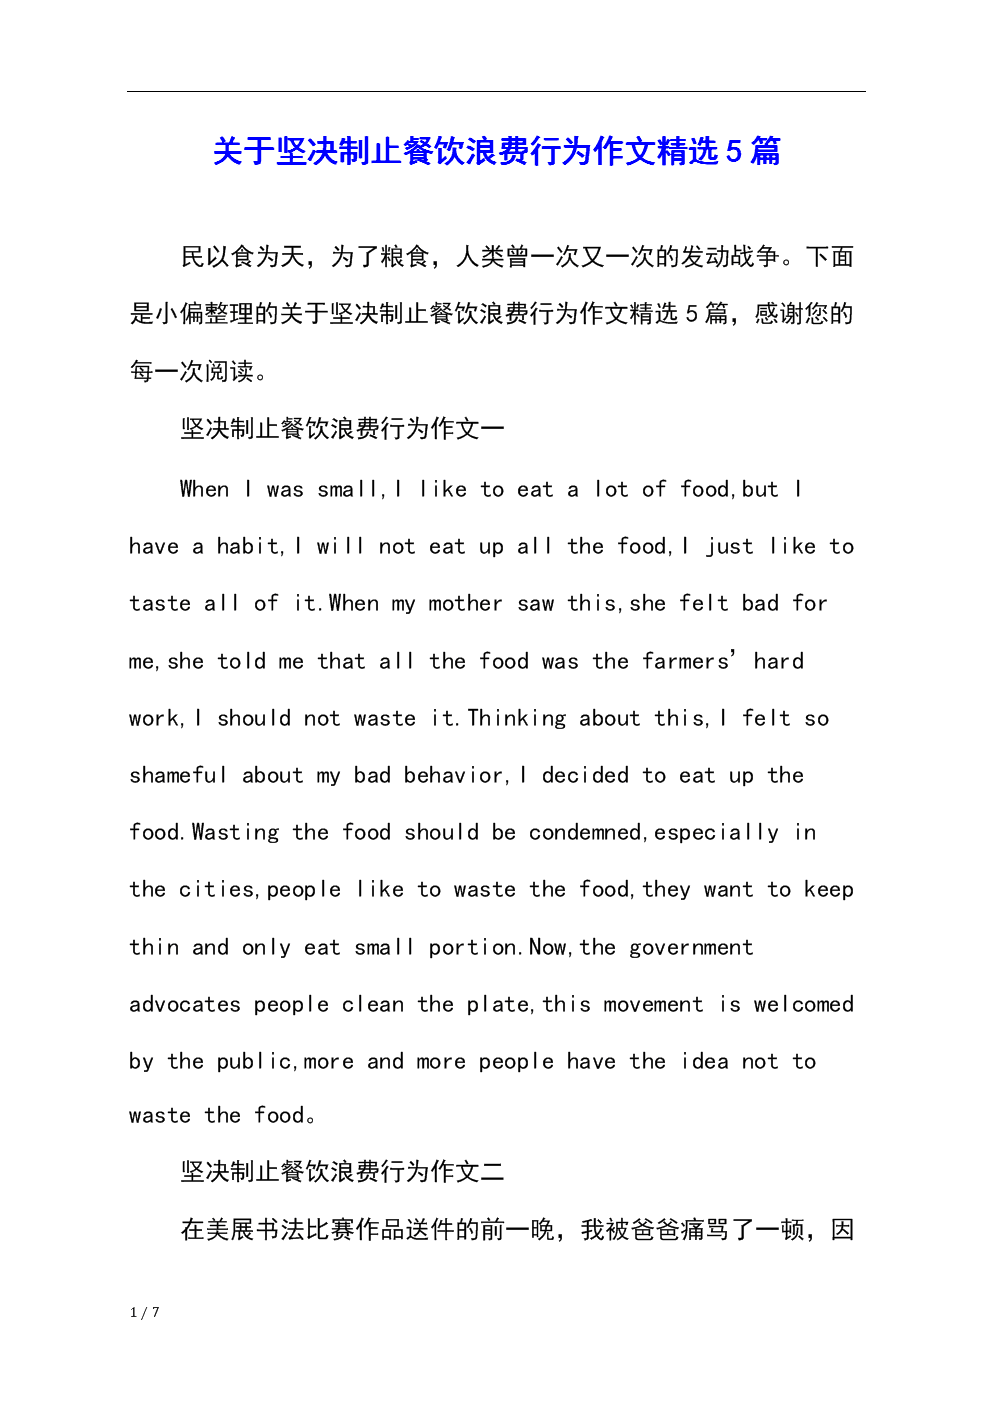 关于坚决制止餐饮浪费行为作文精选5篇.docx